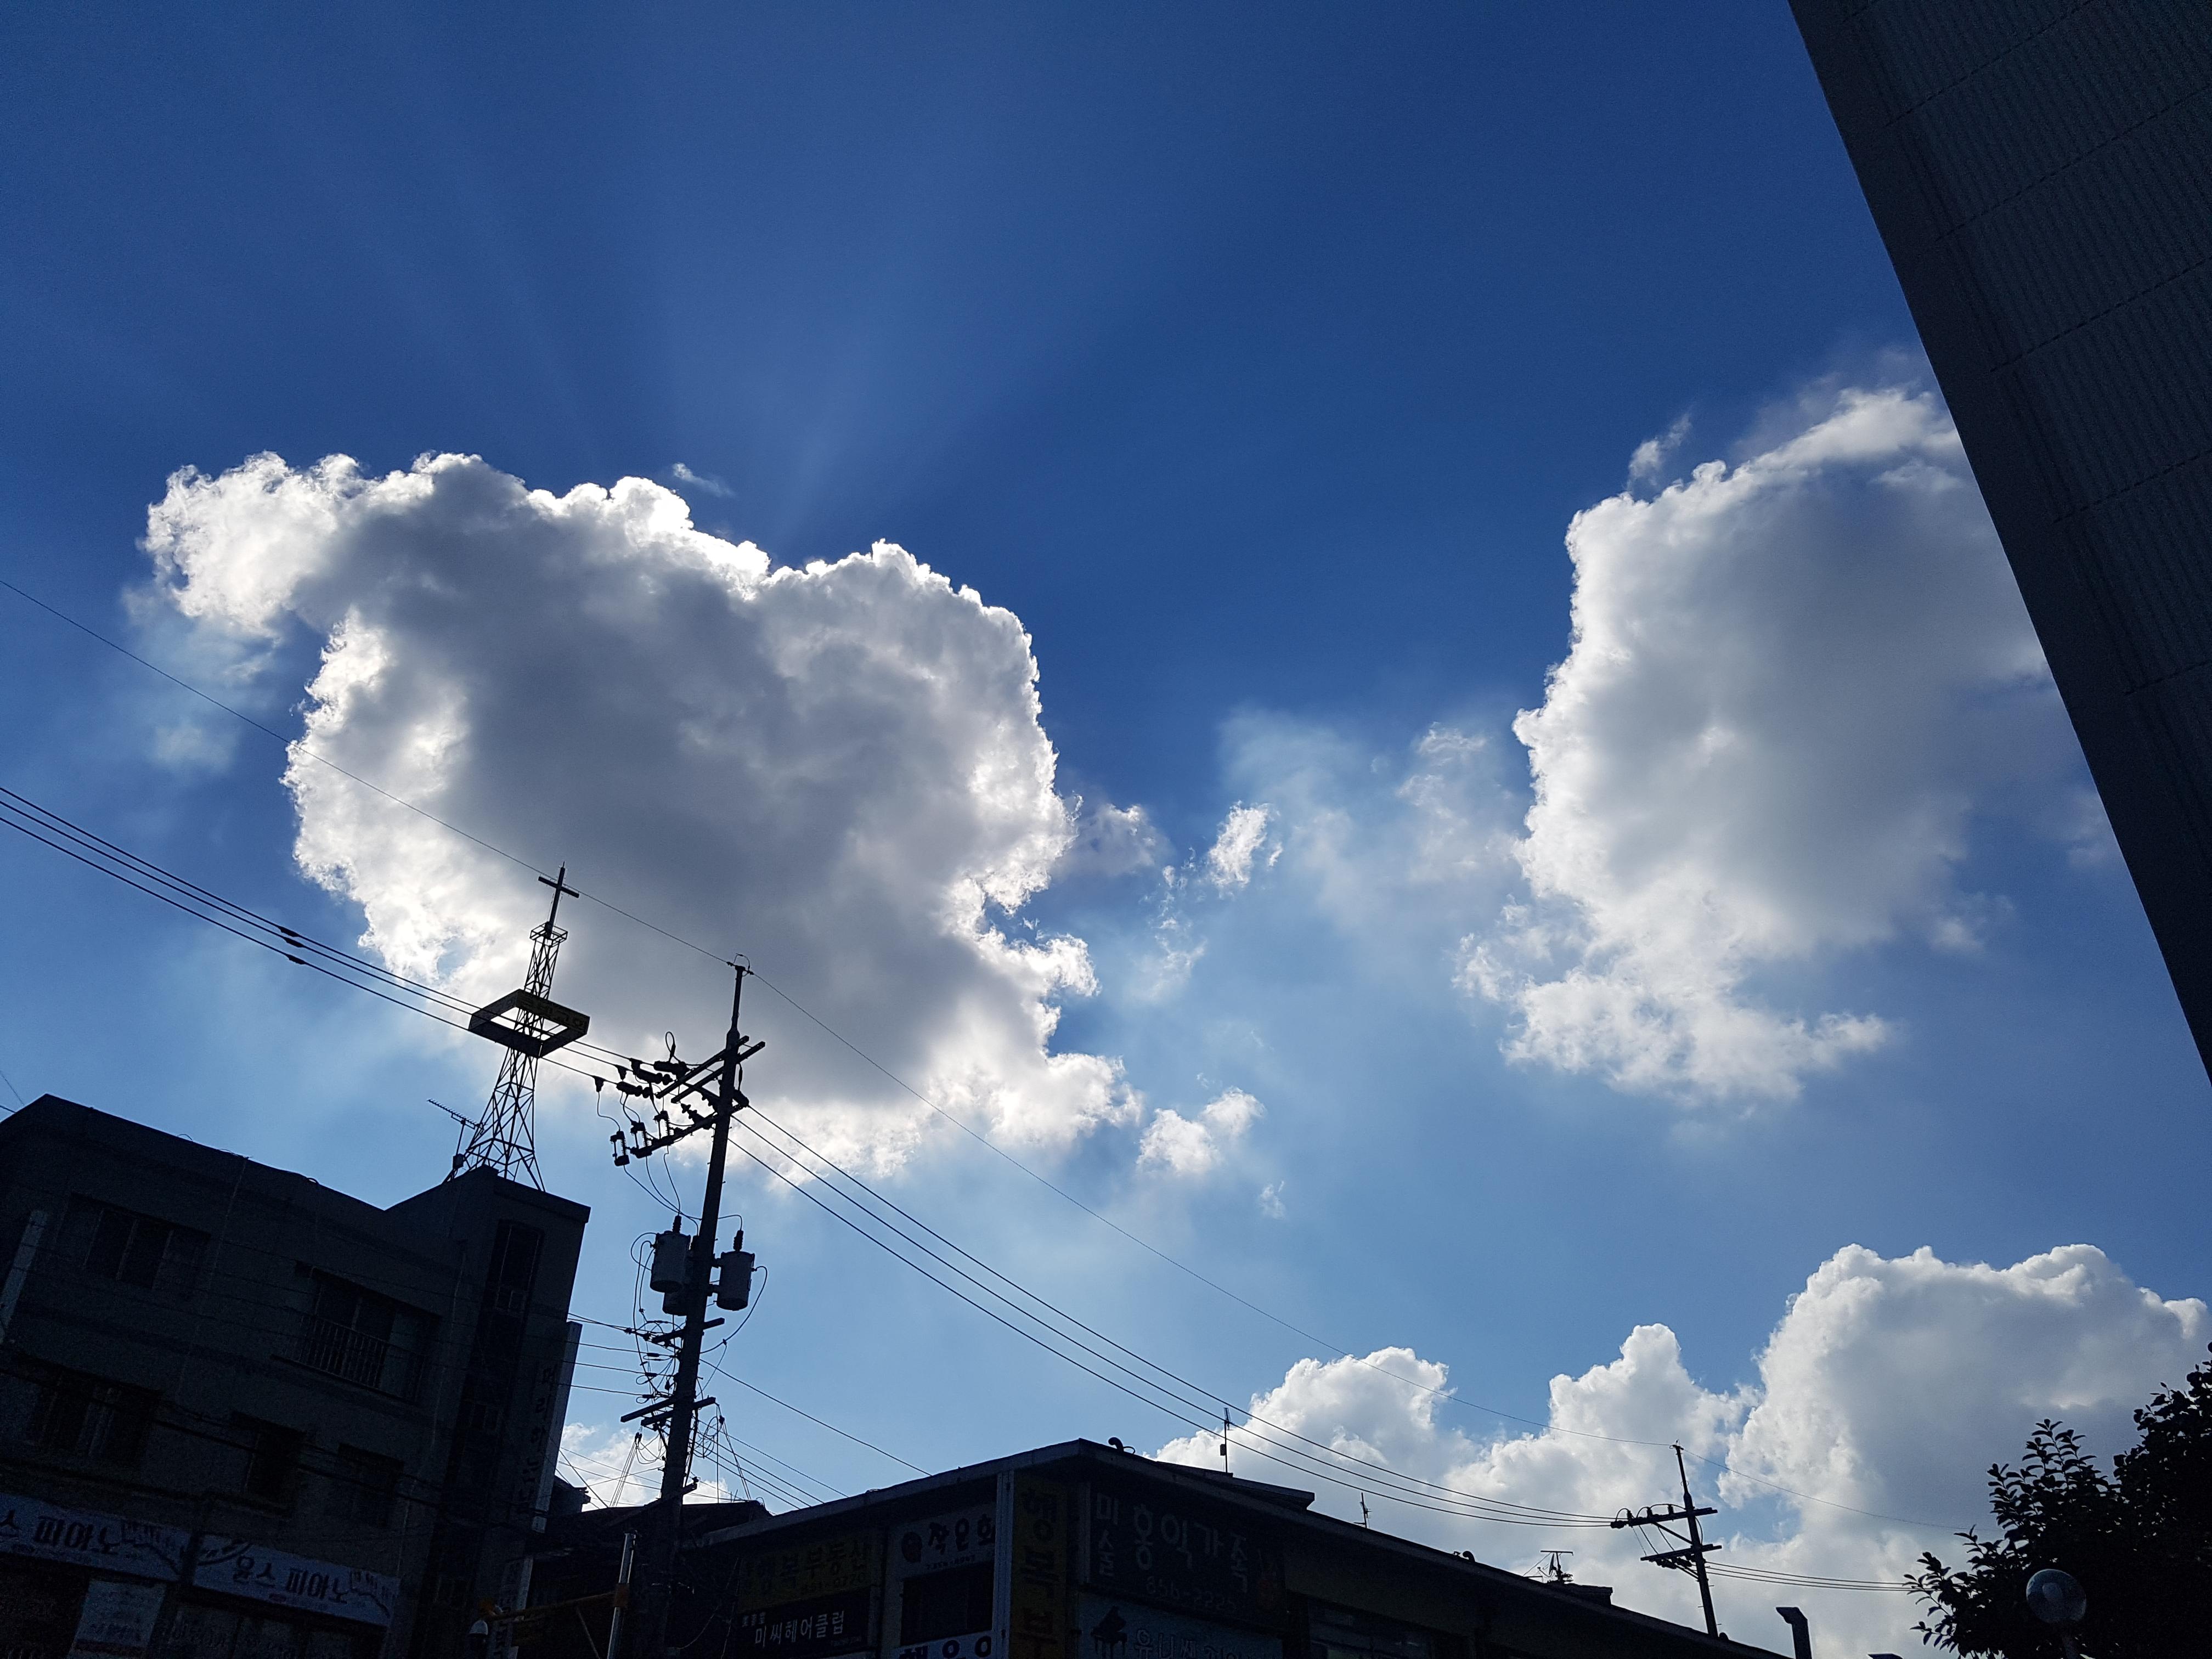 회색 구름과 짙푸른 하늘이 절묘하게 어루러졌던 순간